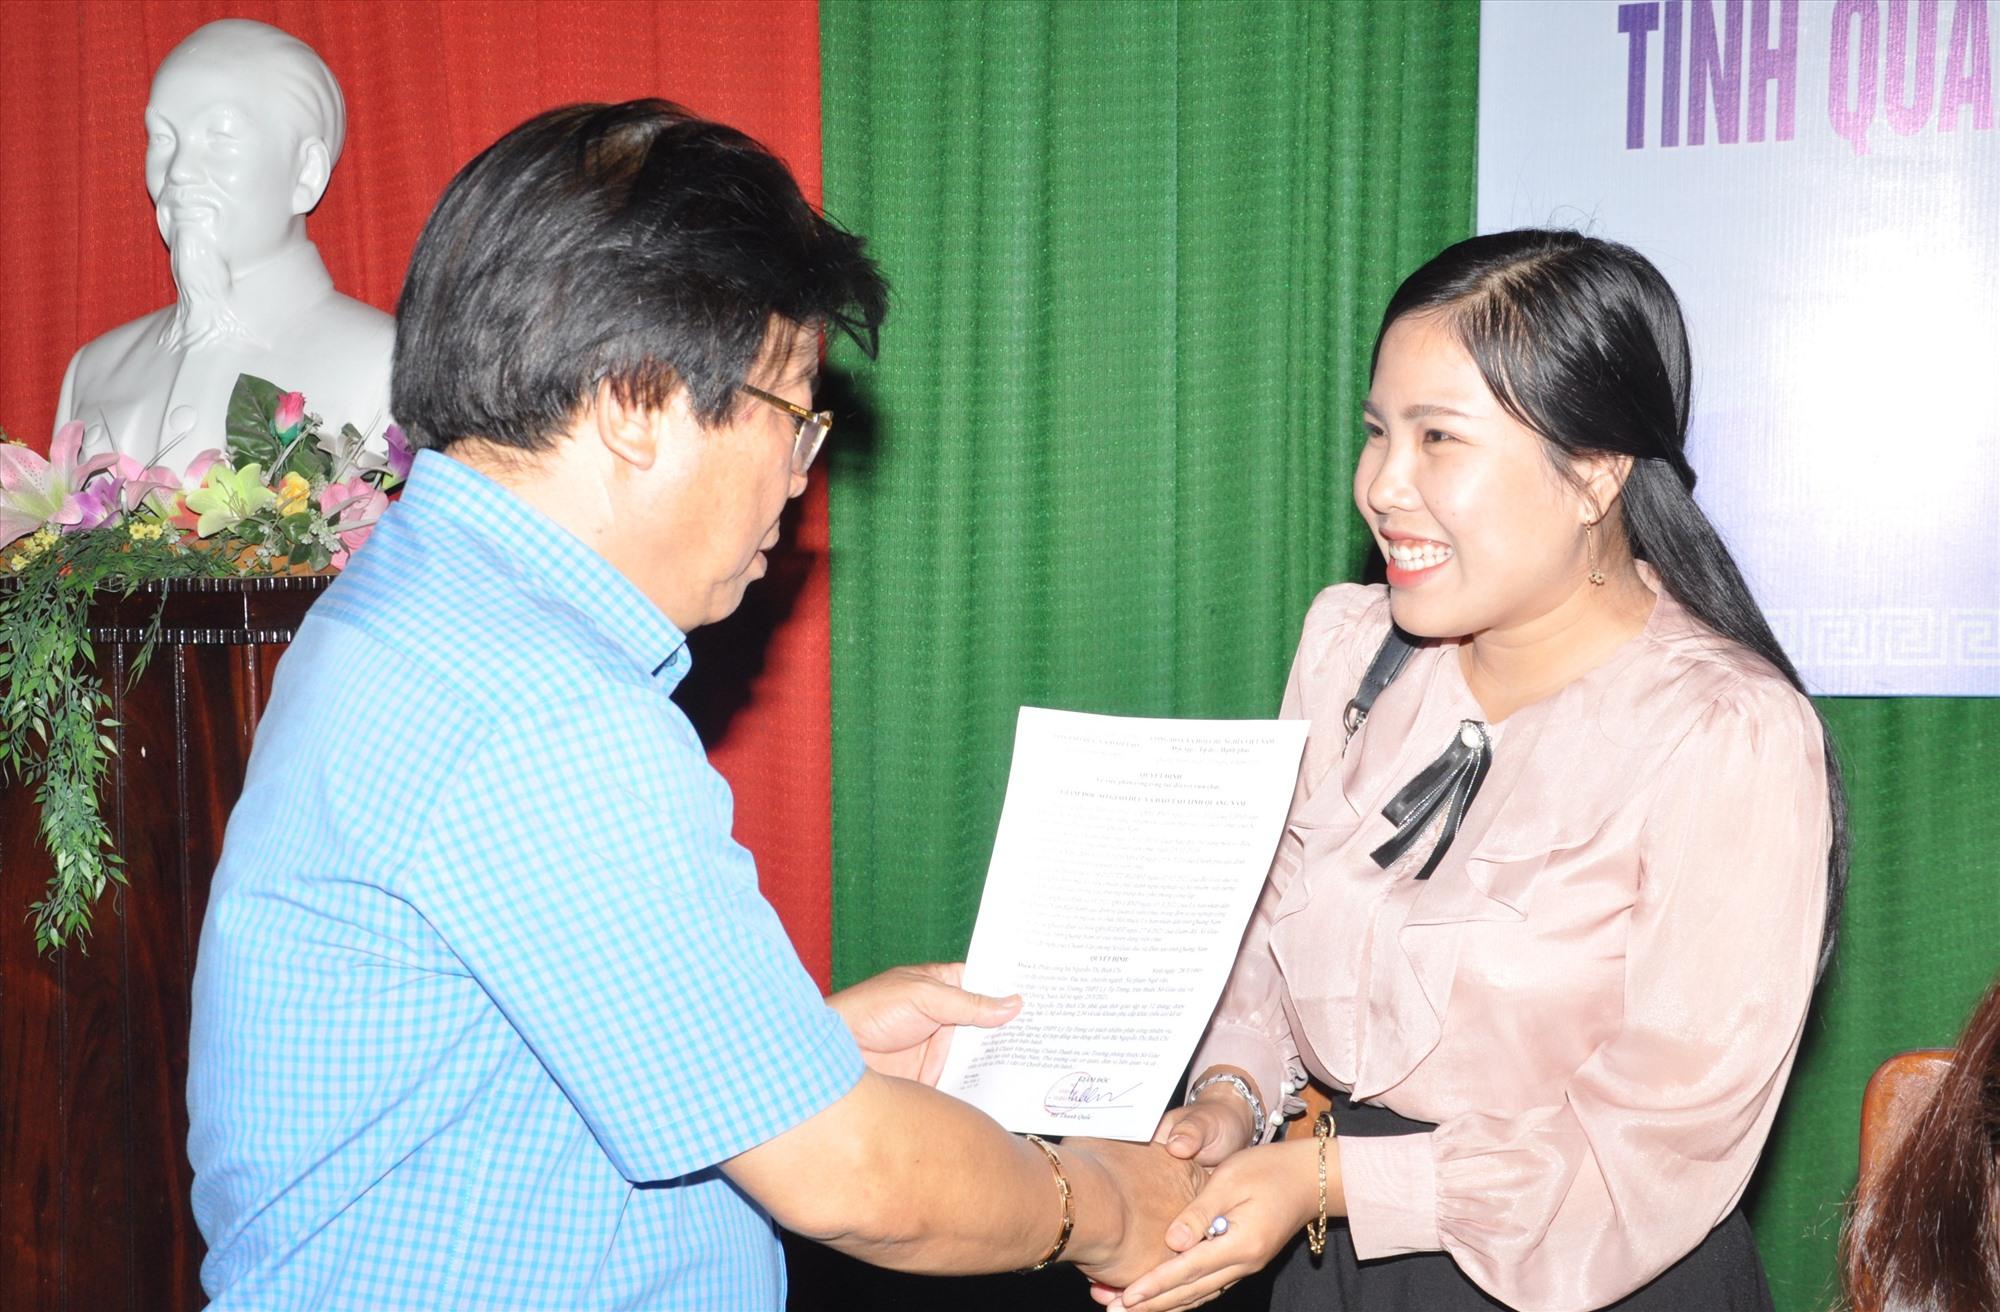 Giám đốc Sở GD-ĐT trao quyết định tuyển dụng và quyết định phân công công tác ngay sau khi TS tự chọn trường. Ảnh: X.P